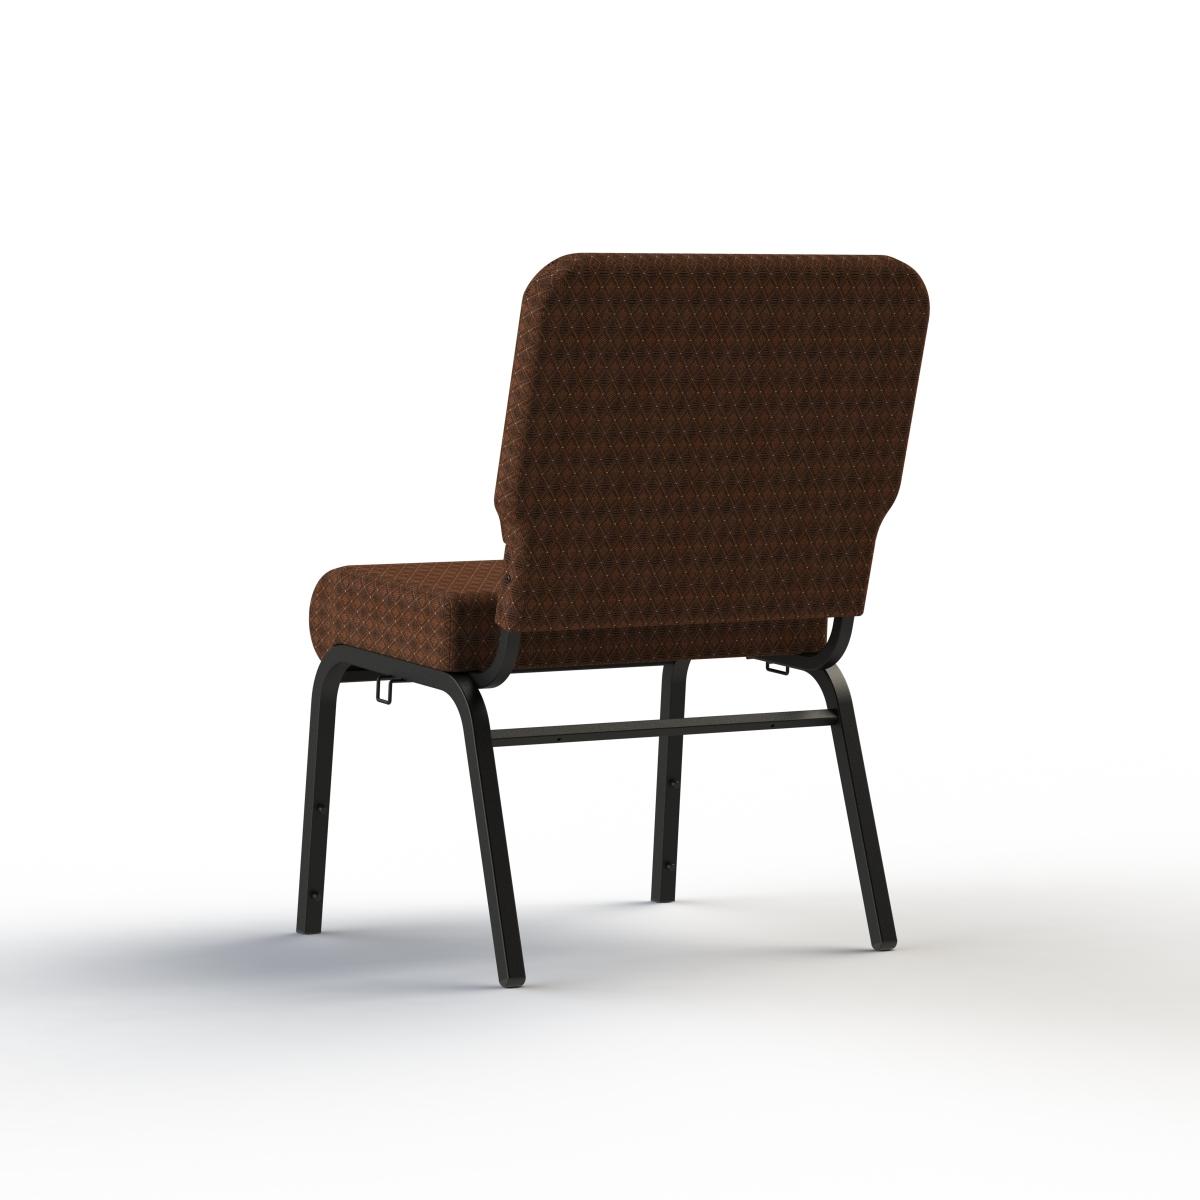 Cornerstone Churc Chair Rear View ...